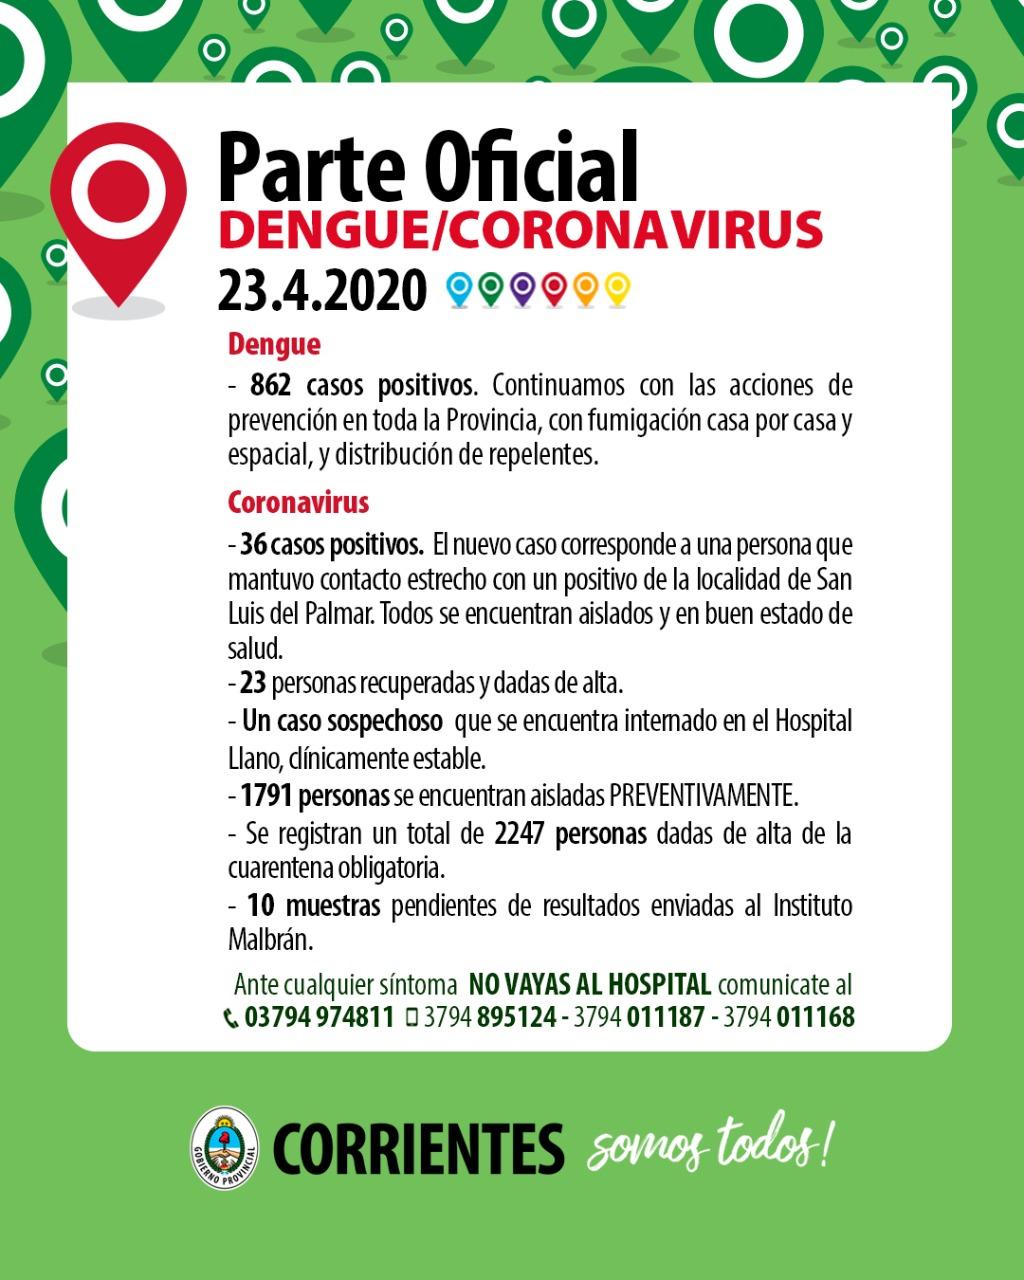 Un caso positivo nuevo de Coronavirus-COVID- 19  reside en la localidad de San Luis del Palmar